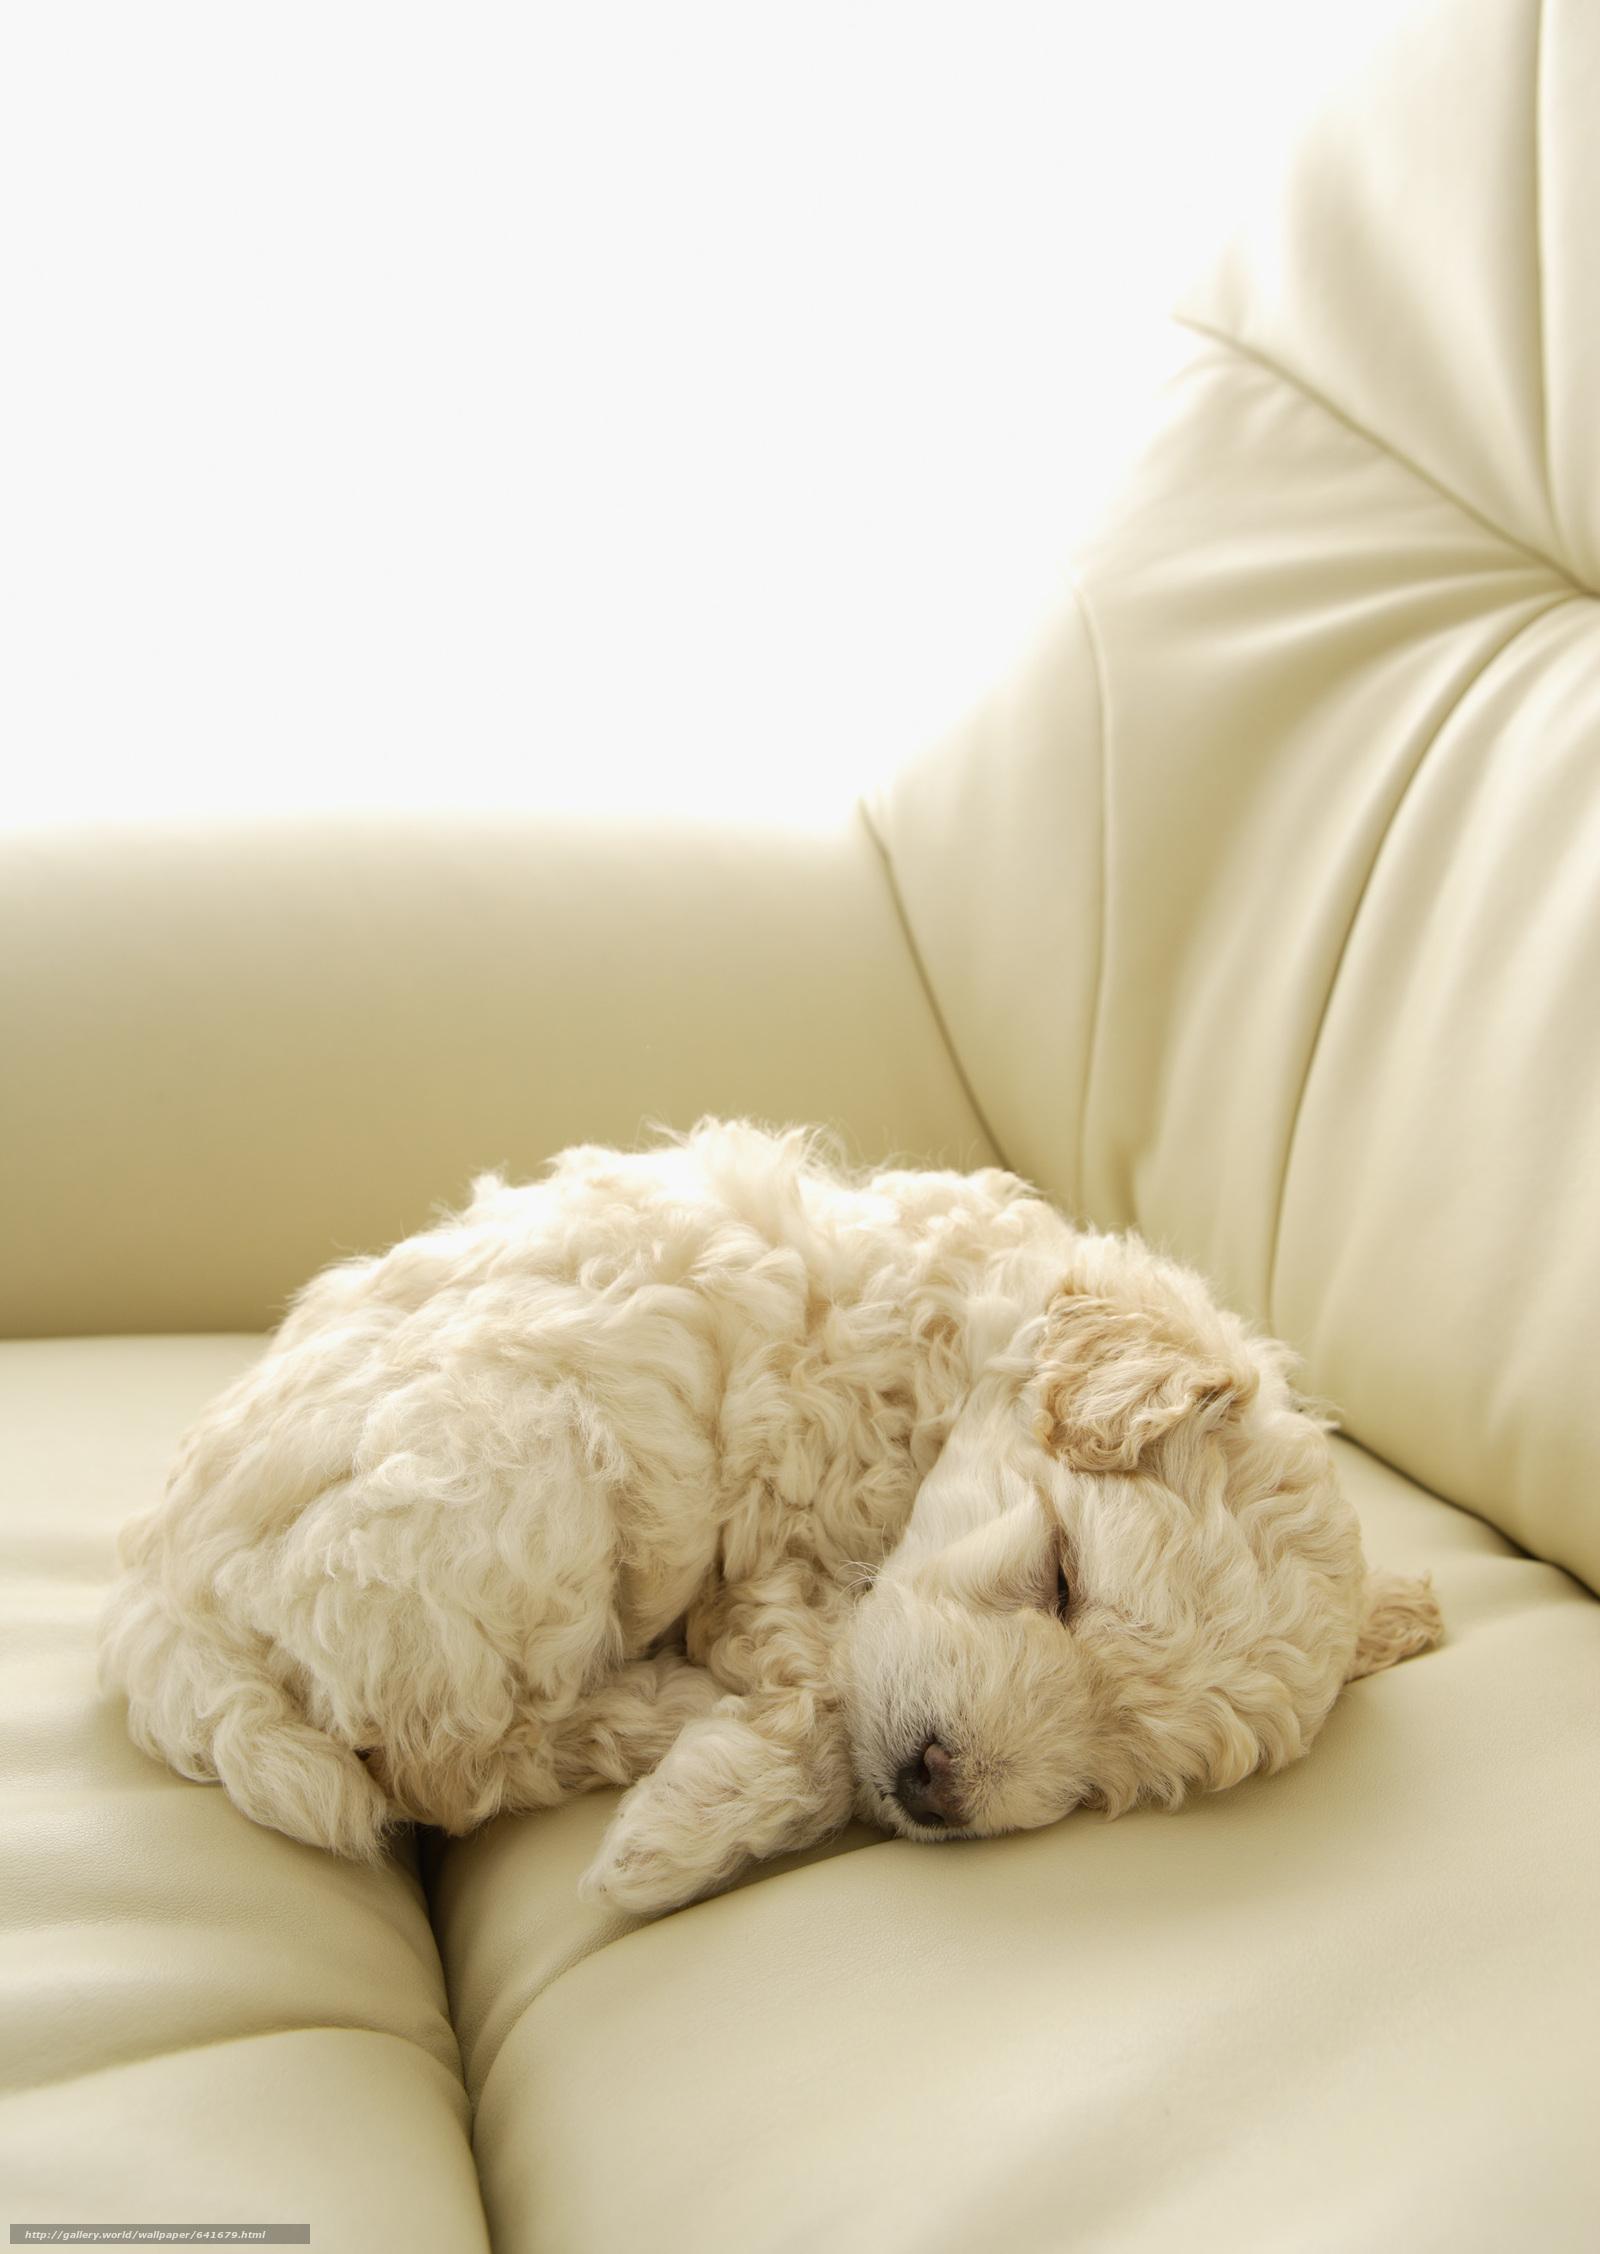 scaricare gli sfondi Cane,  cane,  cane,  cucciolo Sfondi gratis per la risoluzione del desktop 2094x2950 — immagine №641679